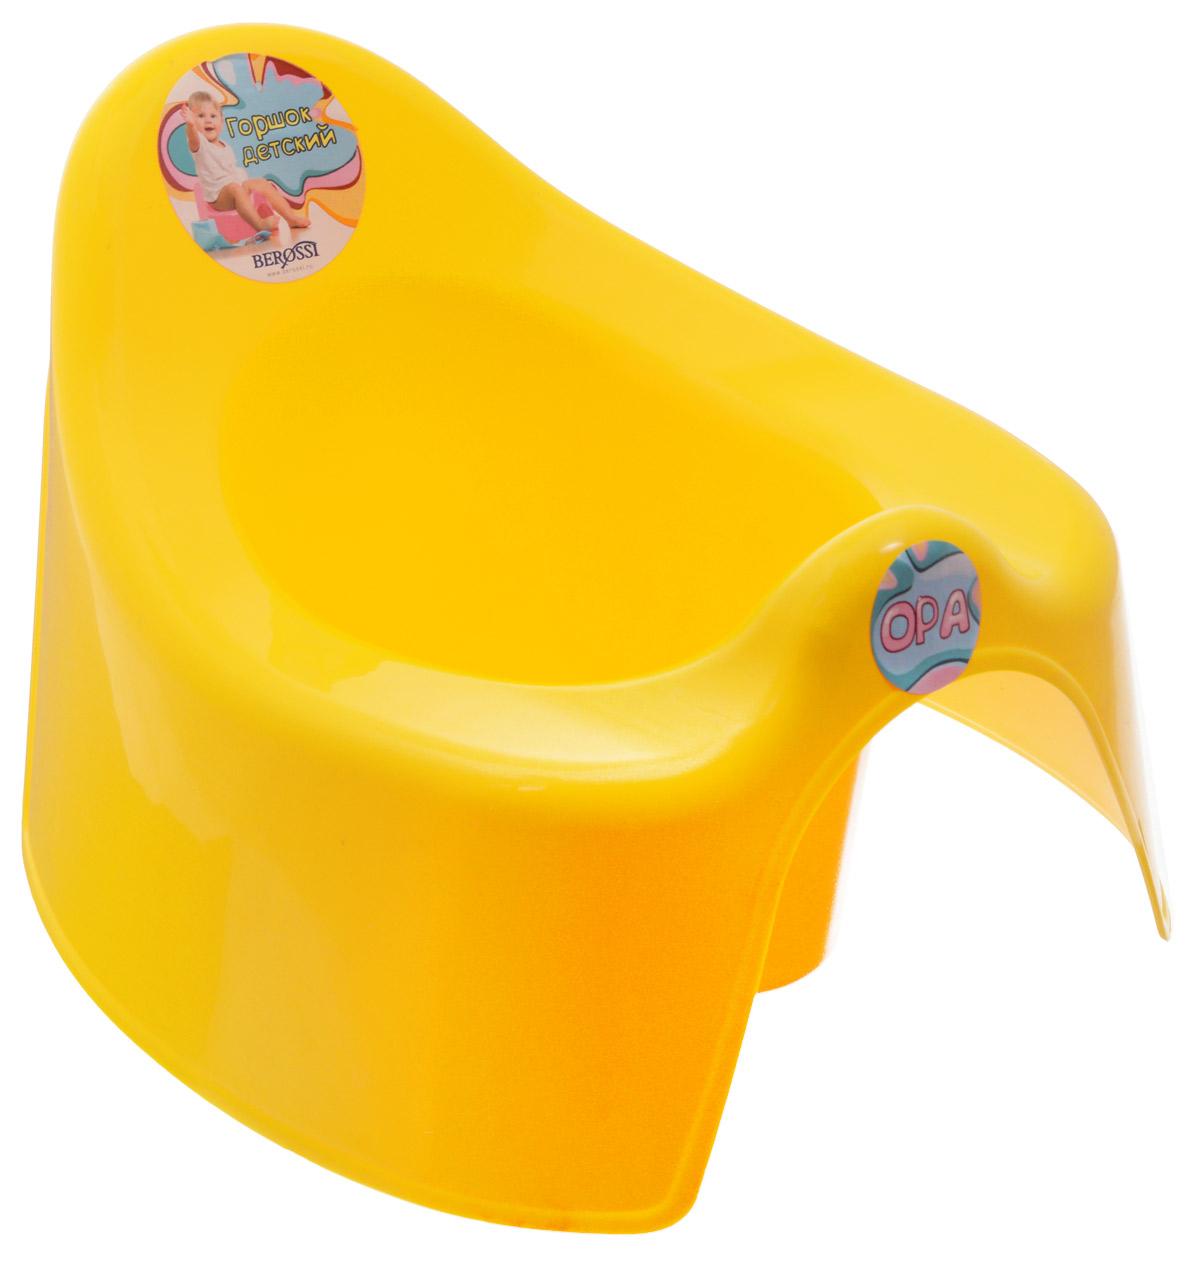 Berossi Горшок детский Opa цвет желтый -  Горшки и адаптеры для унитаза